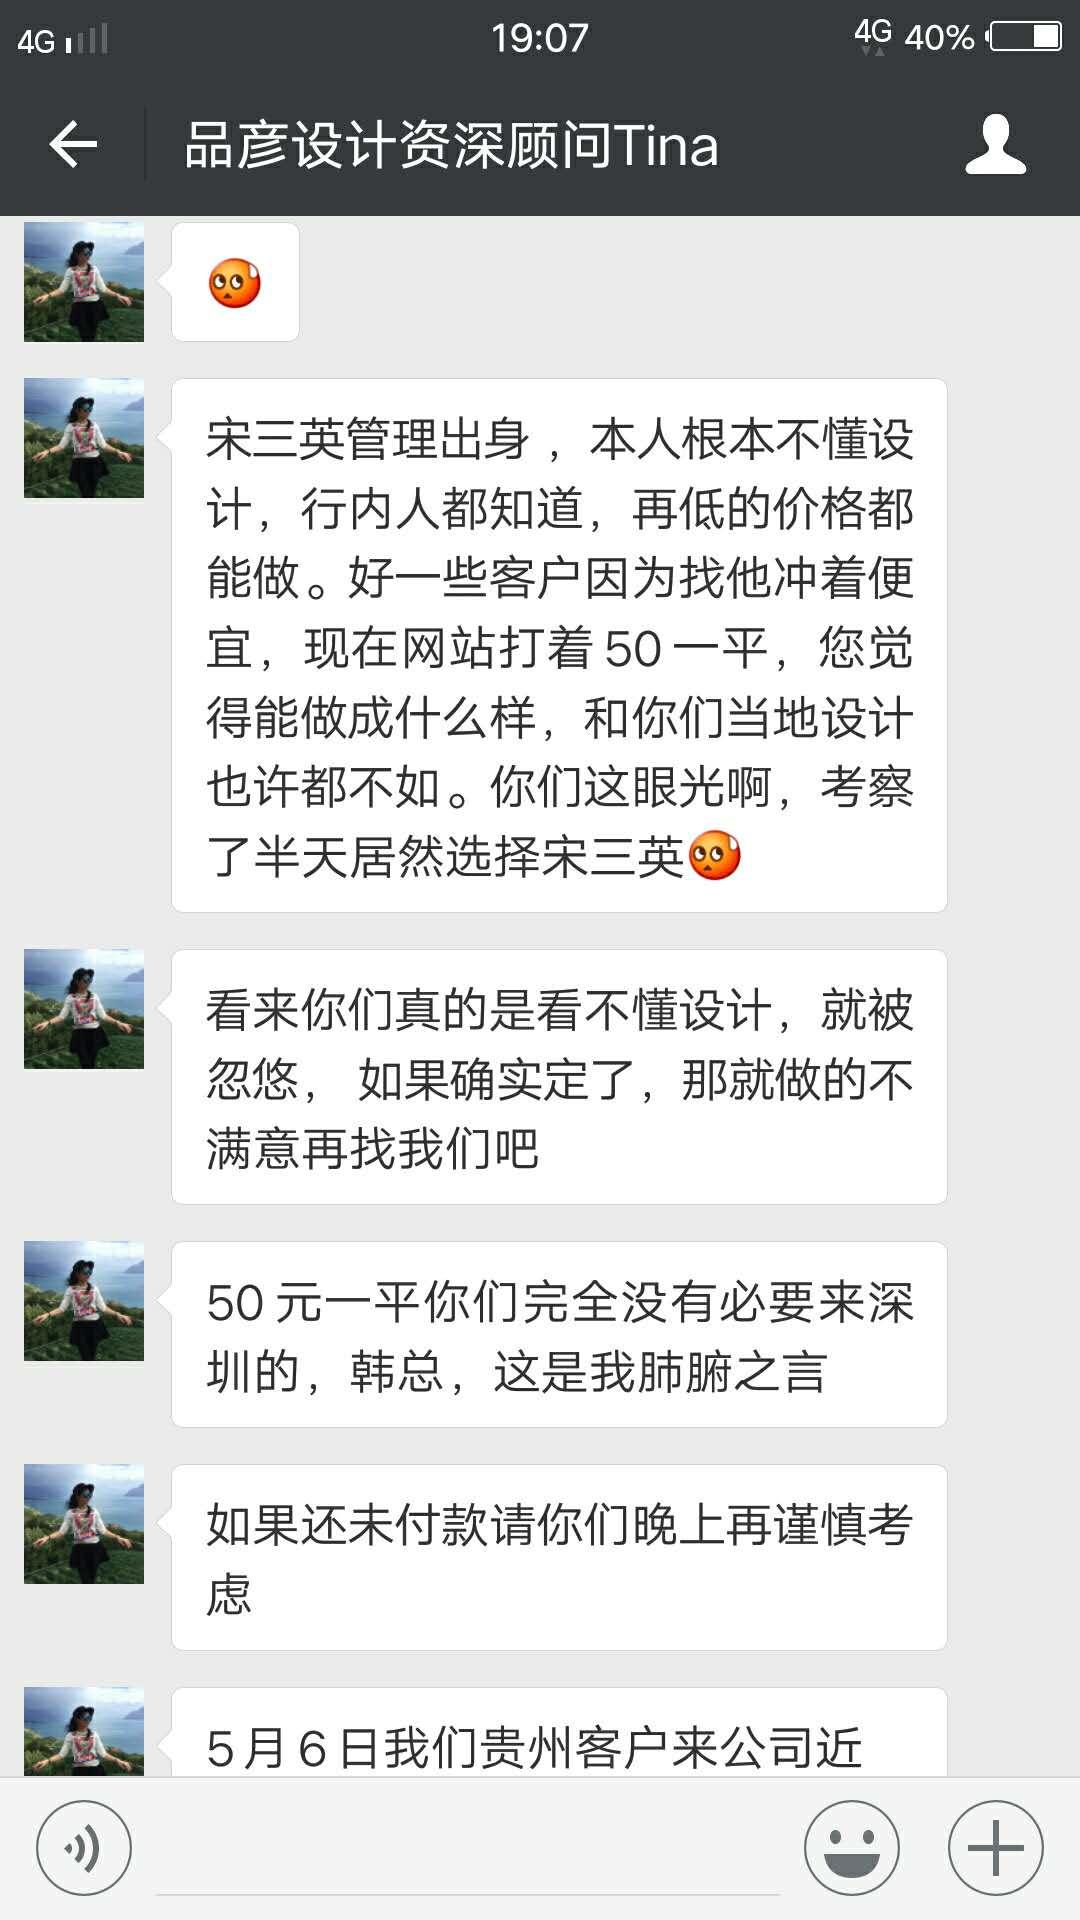 公示深圳品彦室内设计有限公司无耻攻击我公司行为